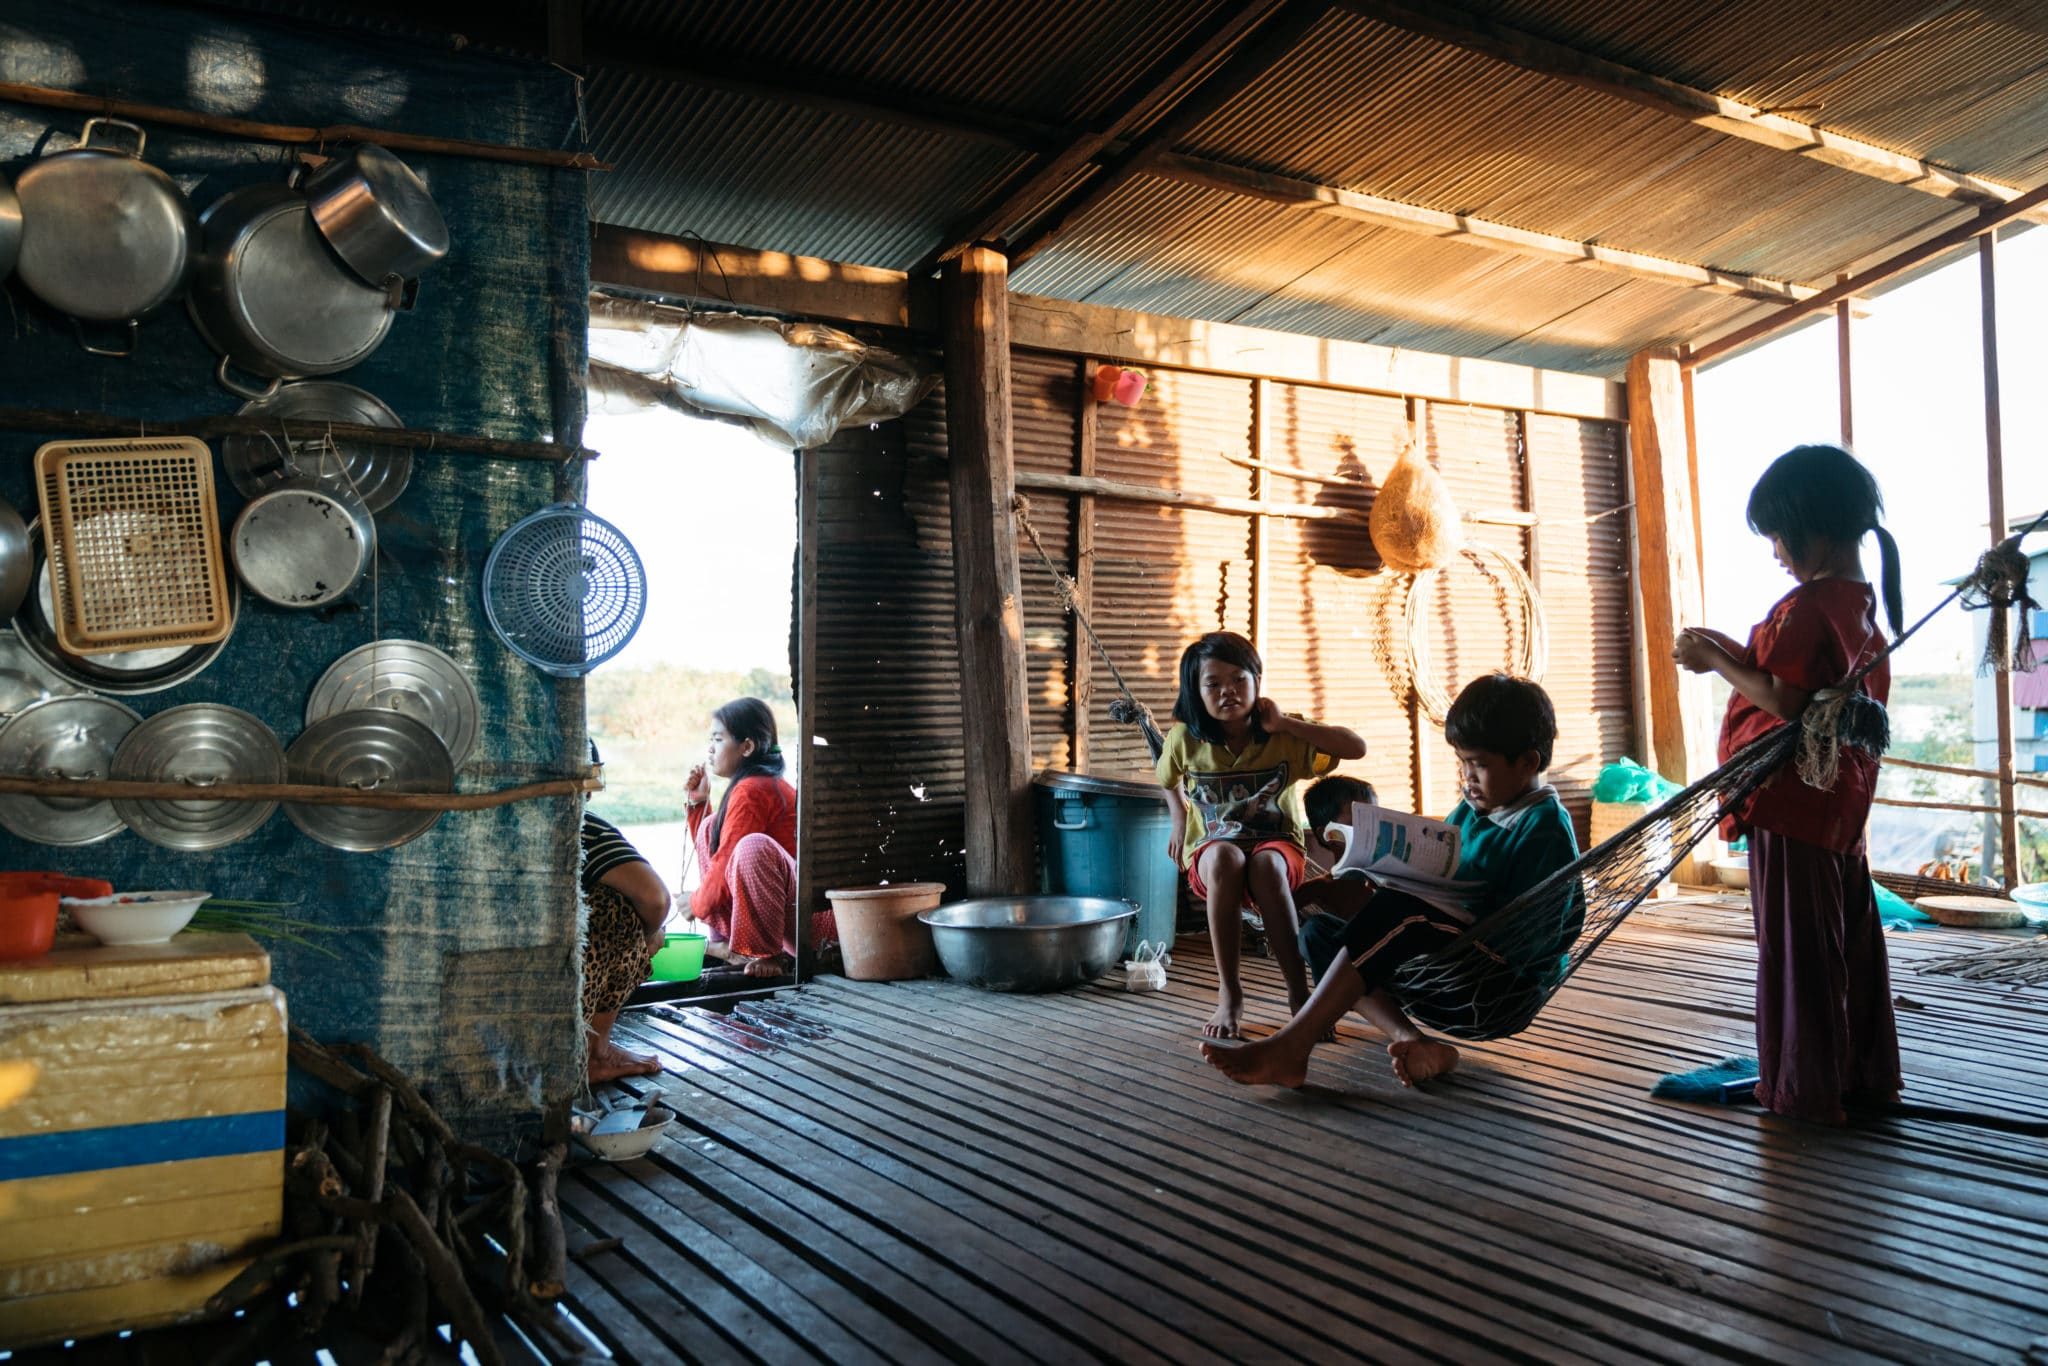 Children in Floating Village